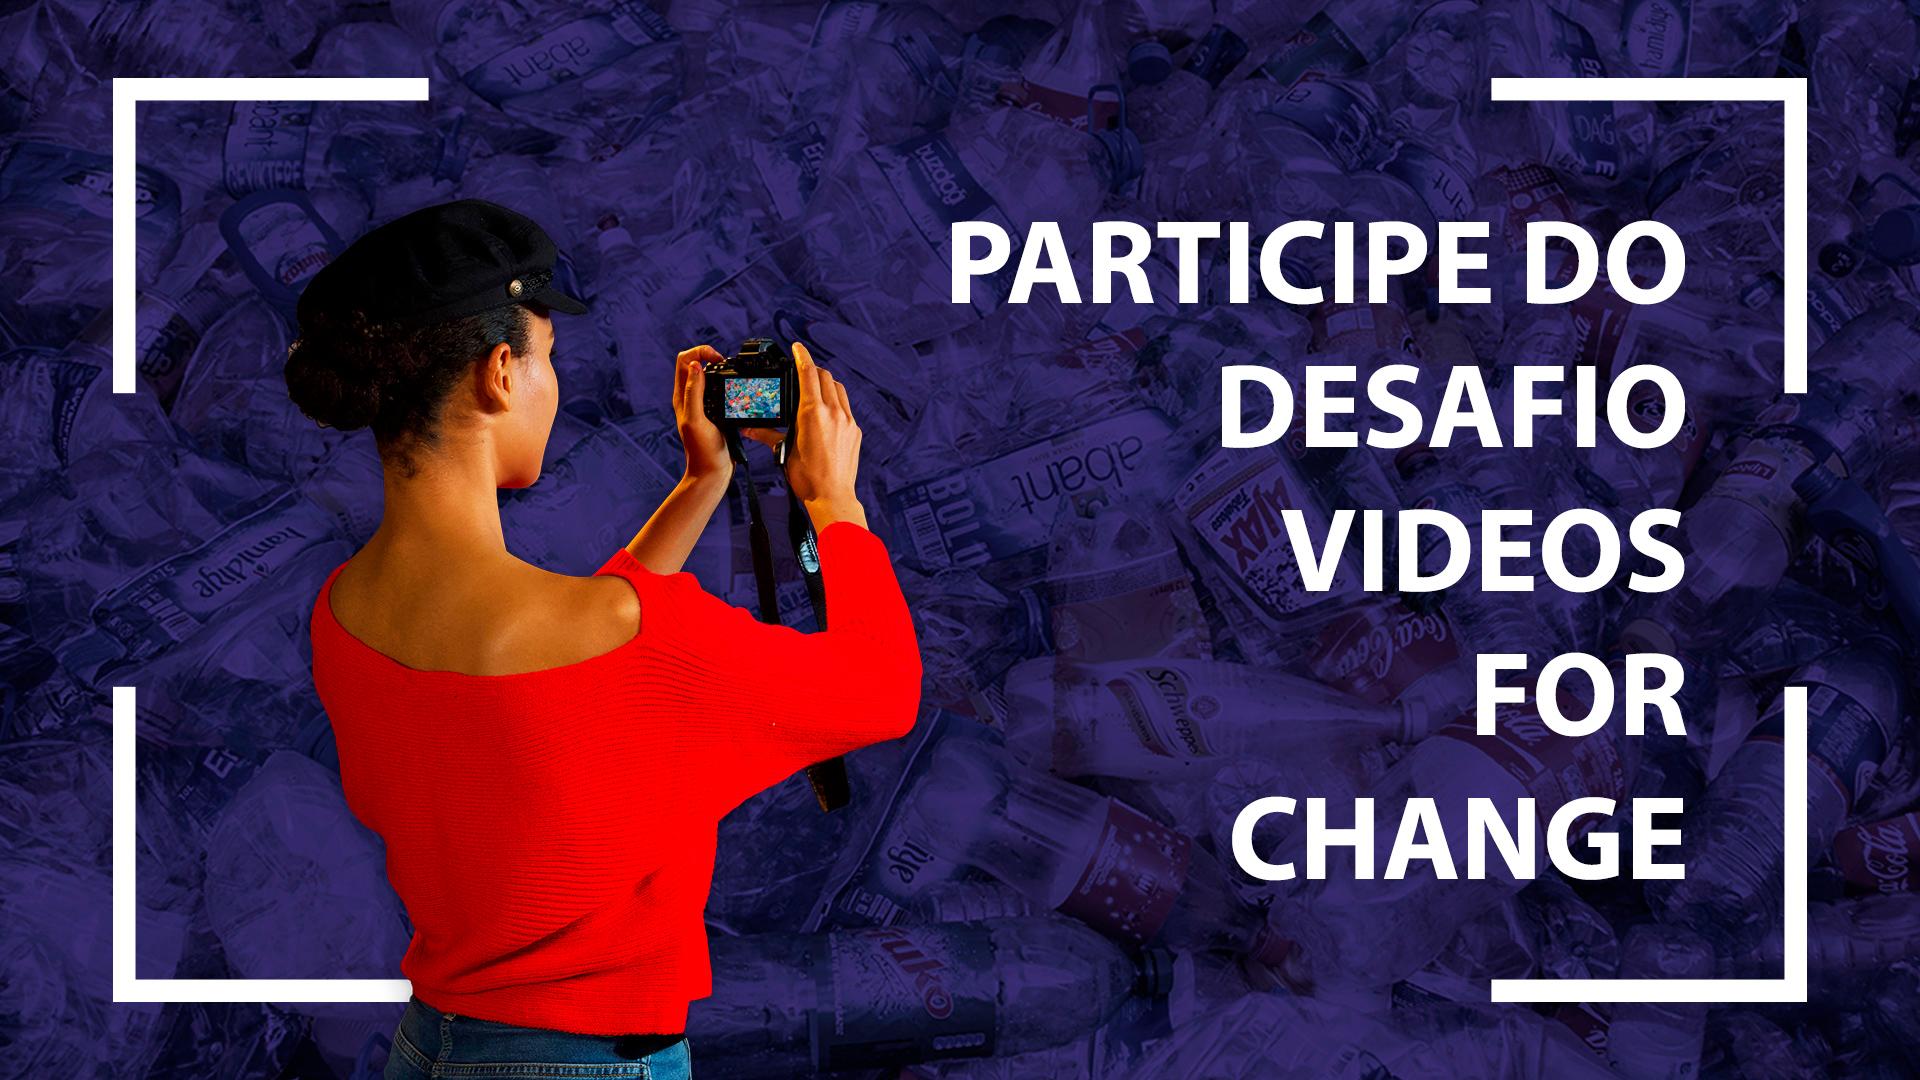 Desafio Videos For Change